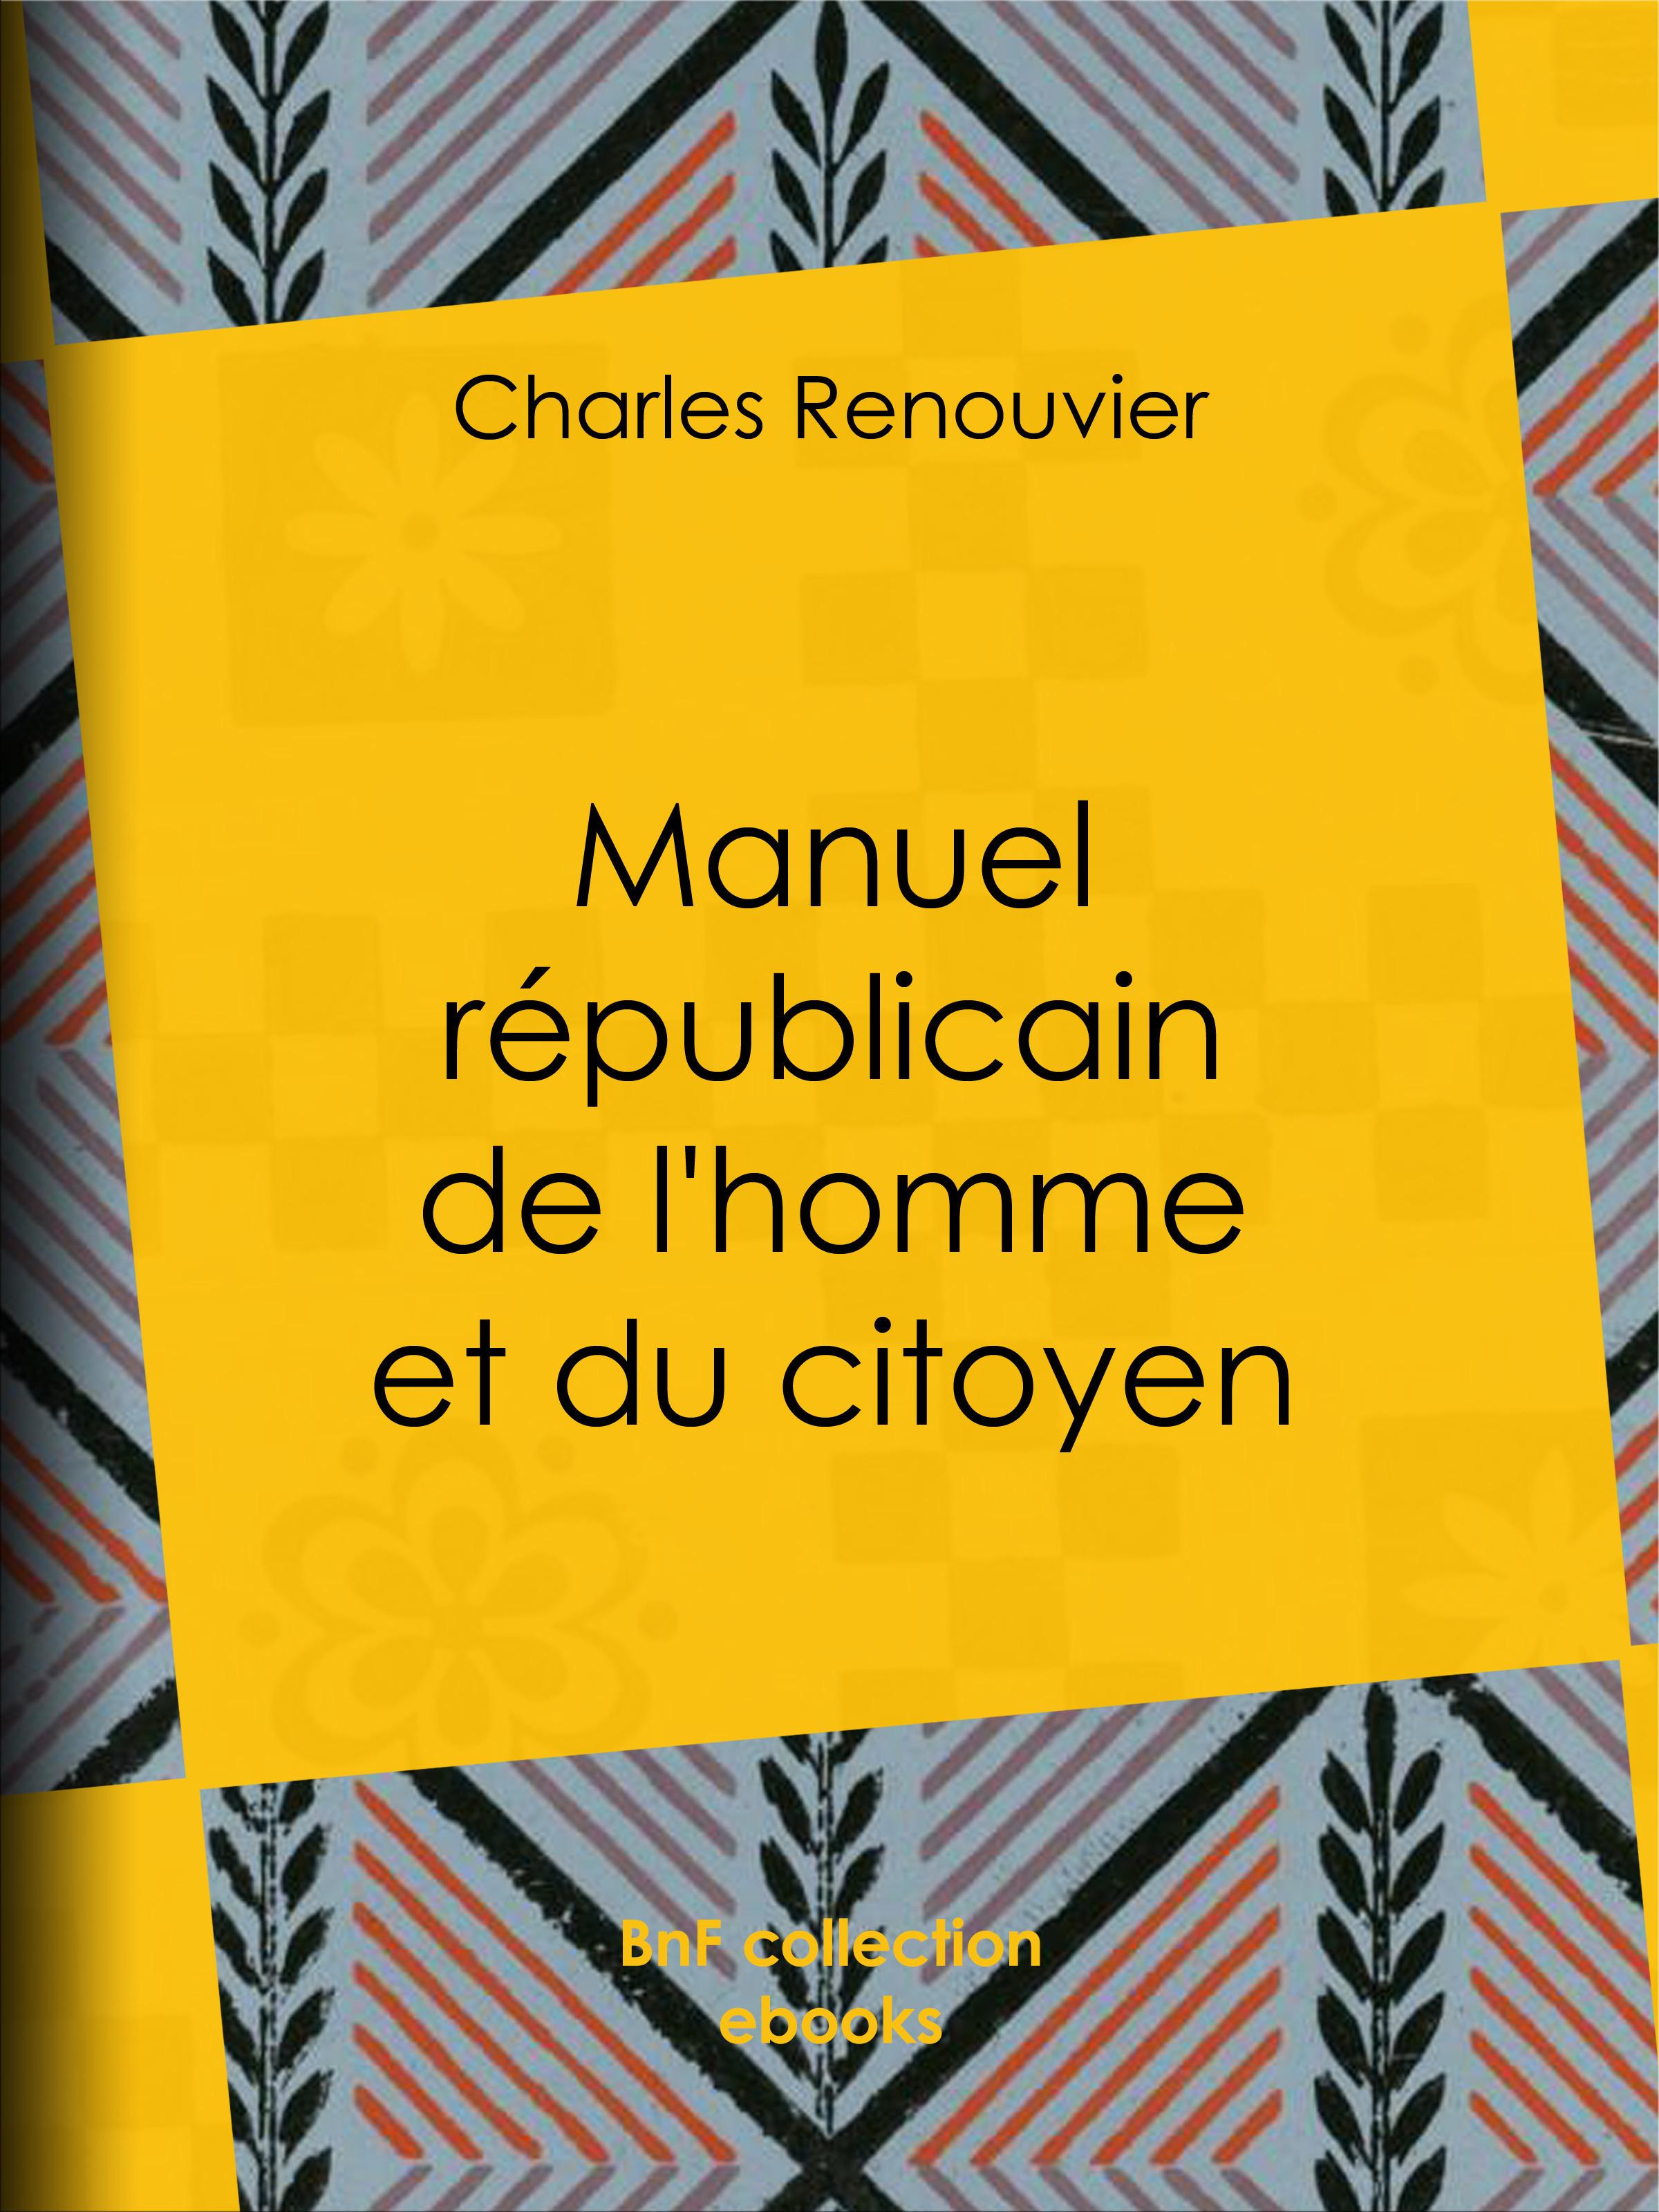 Manuel républicain de l'homme et du citoyen